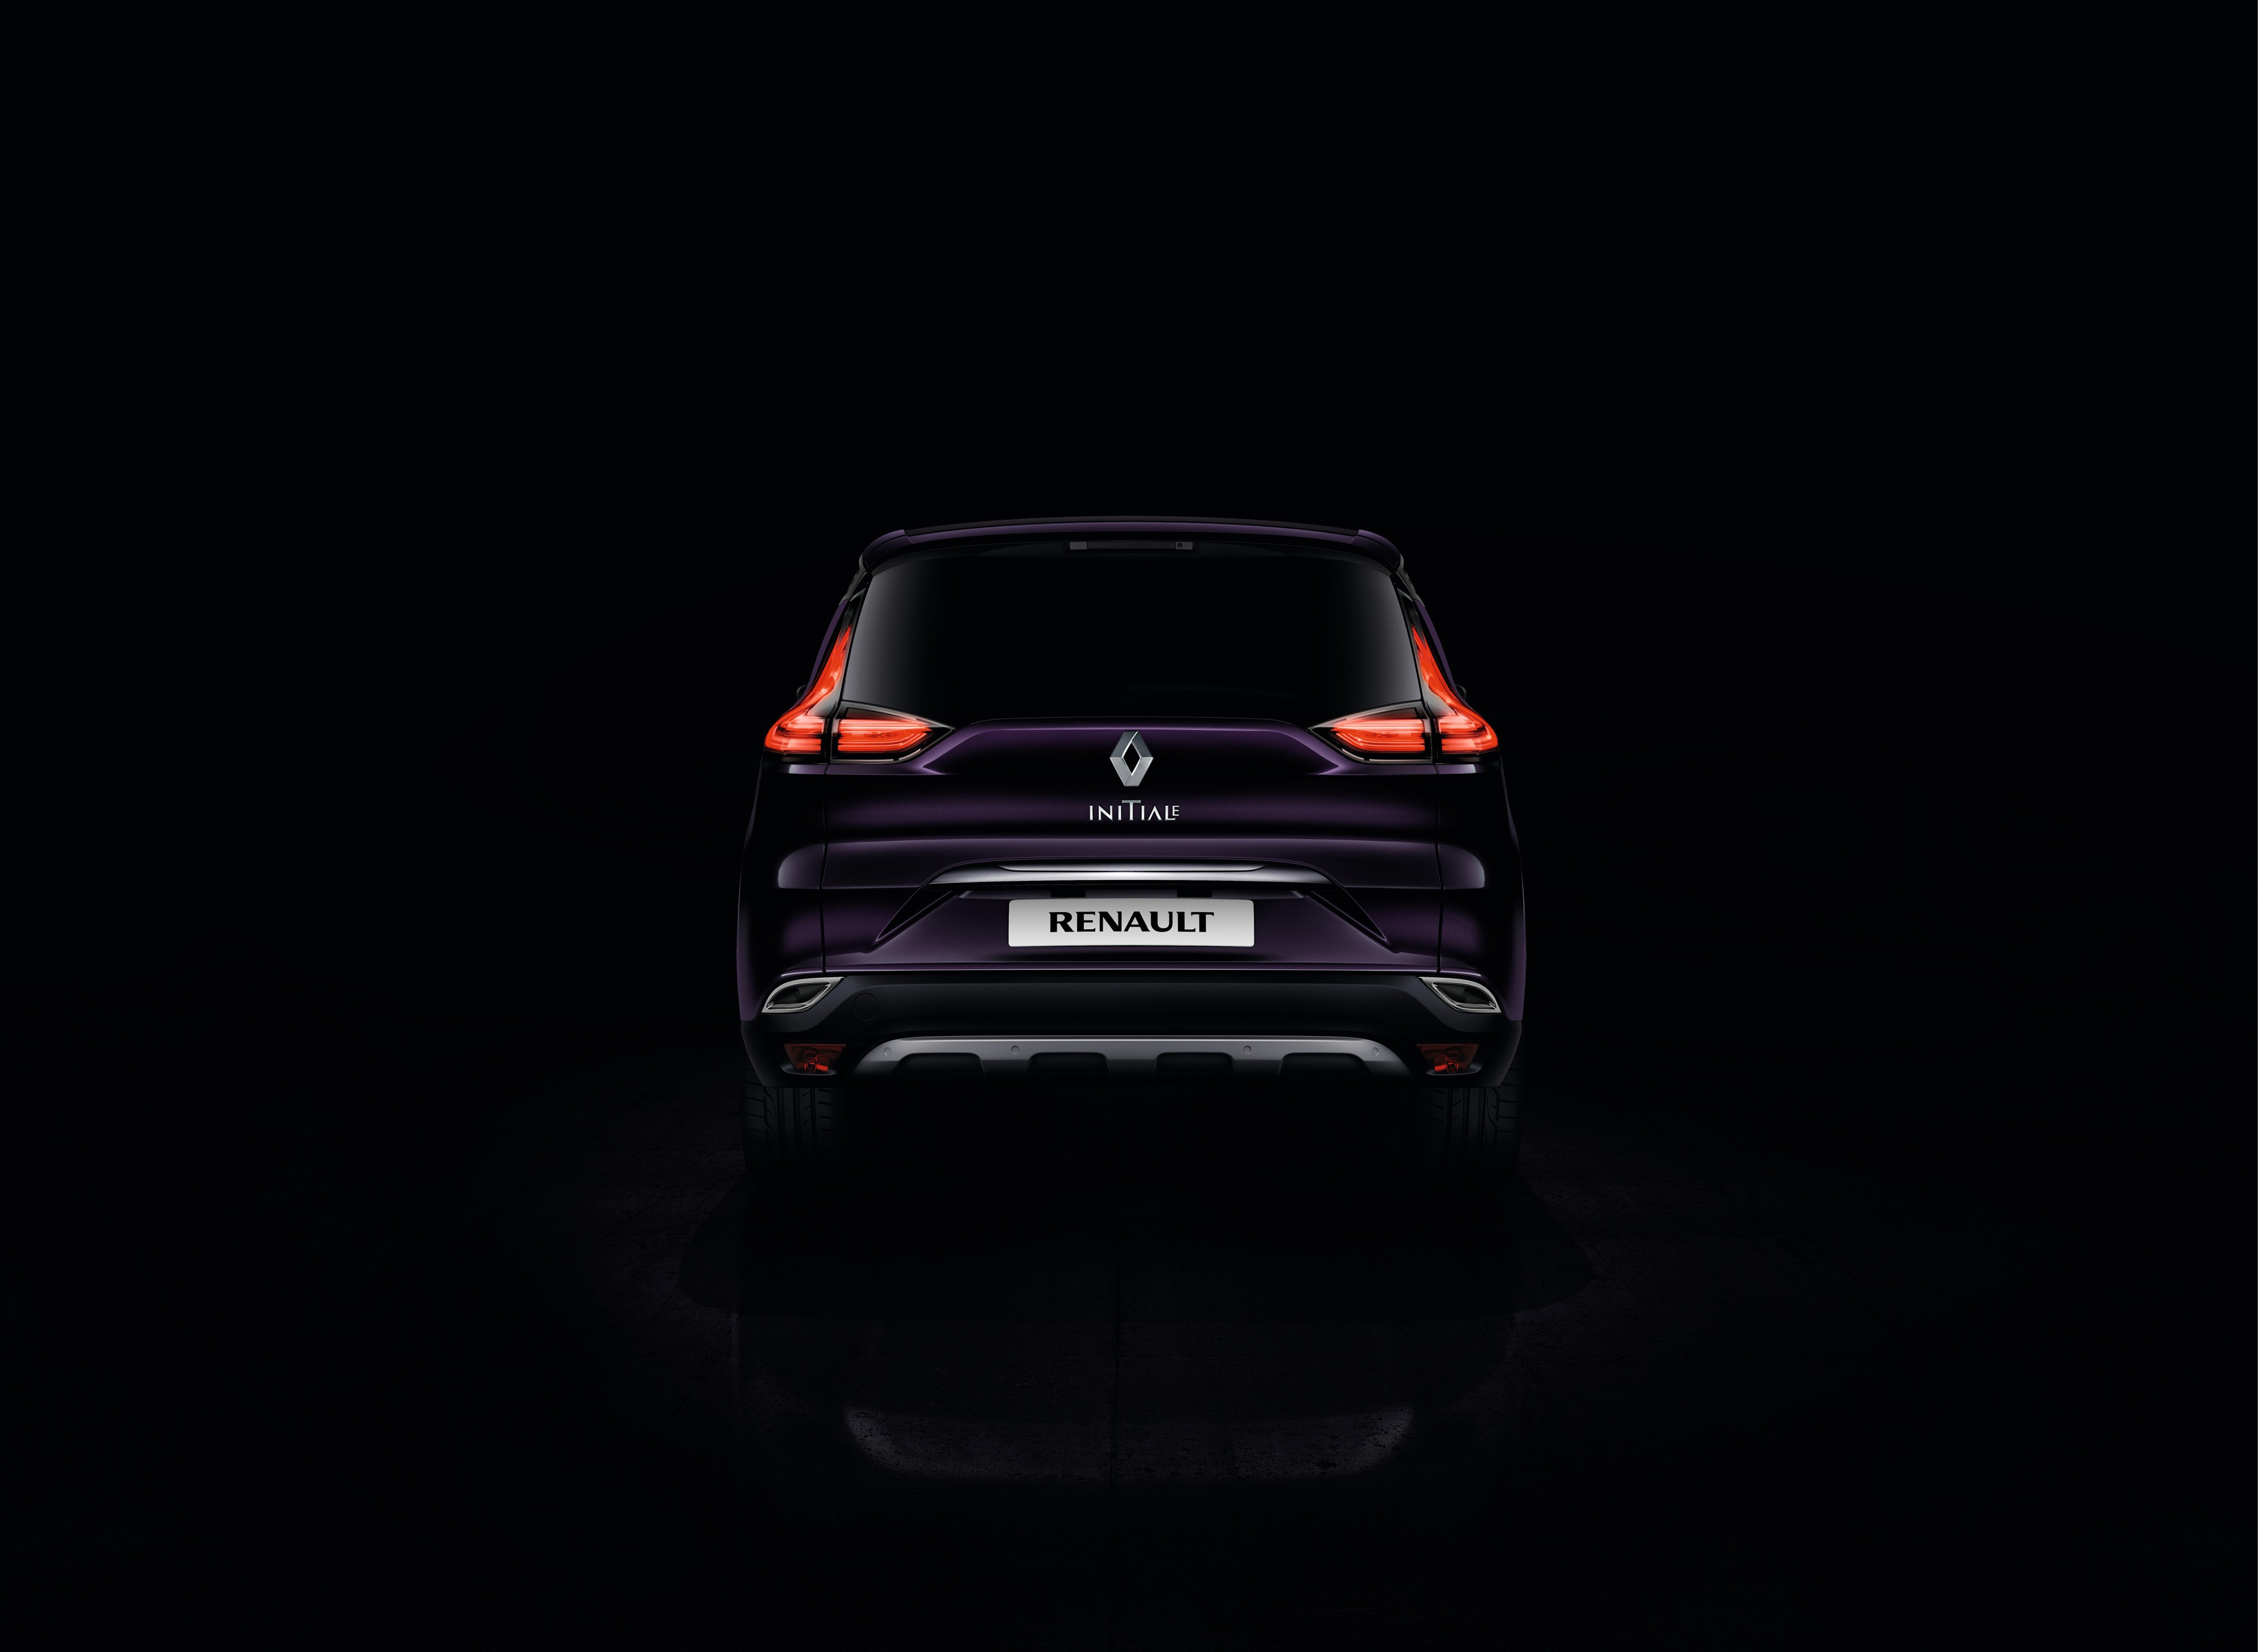 Renault Espace 2015 - Initiale Paris - arrière / rear